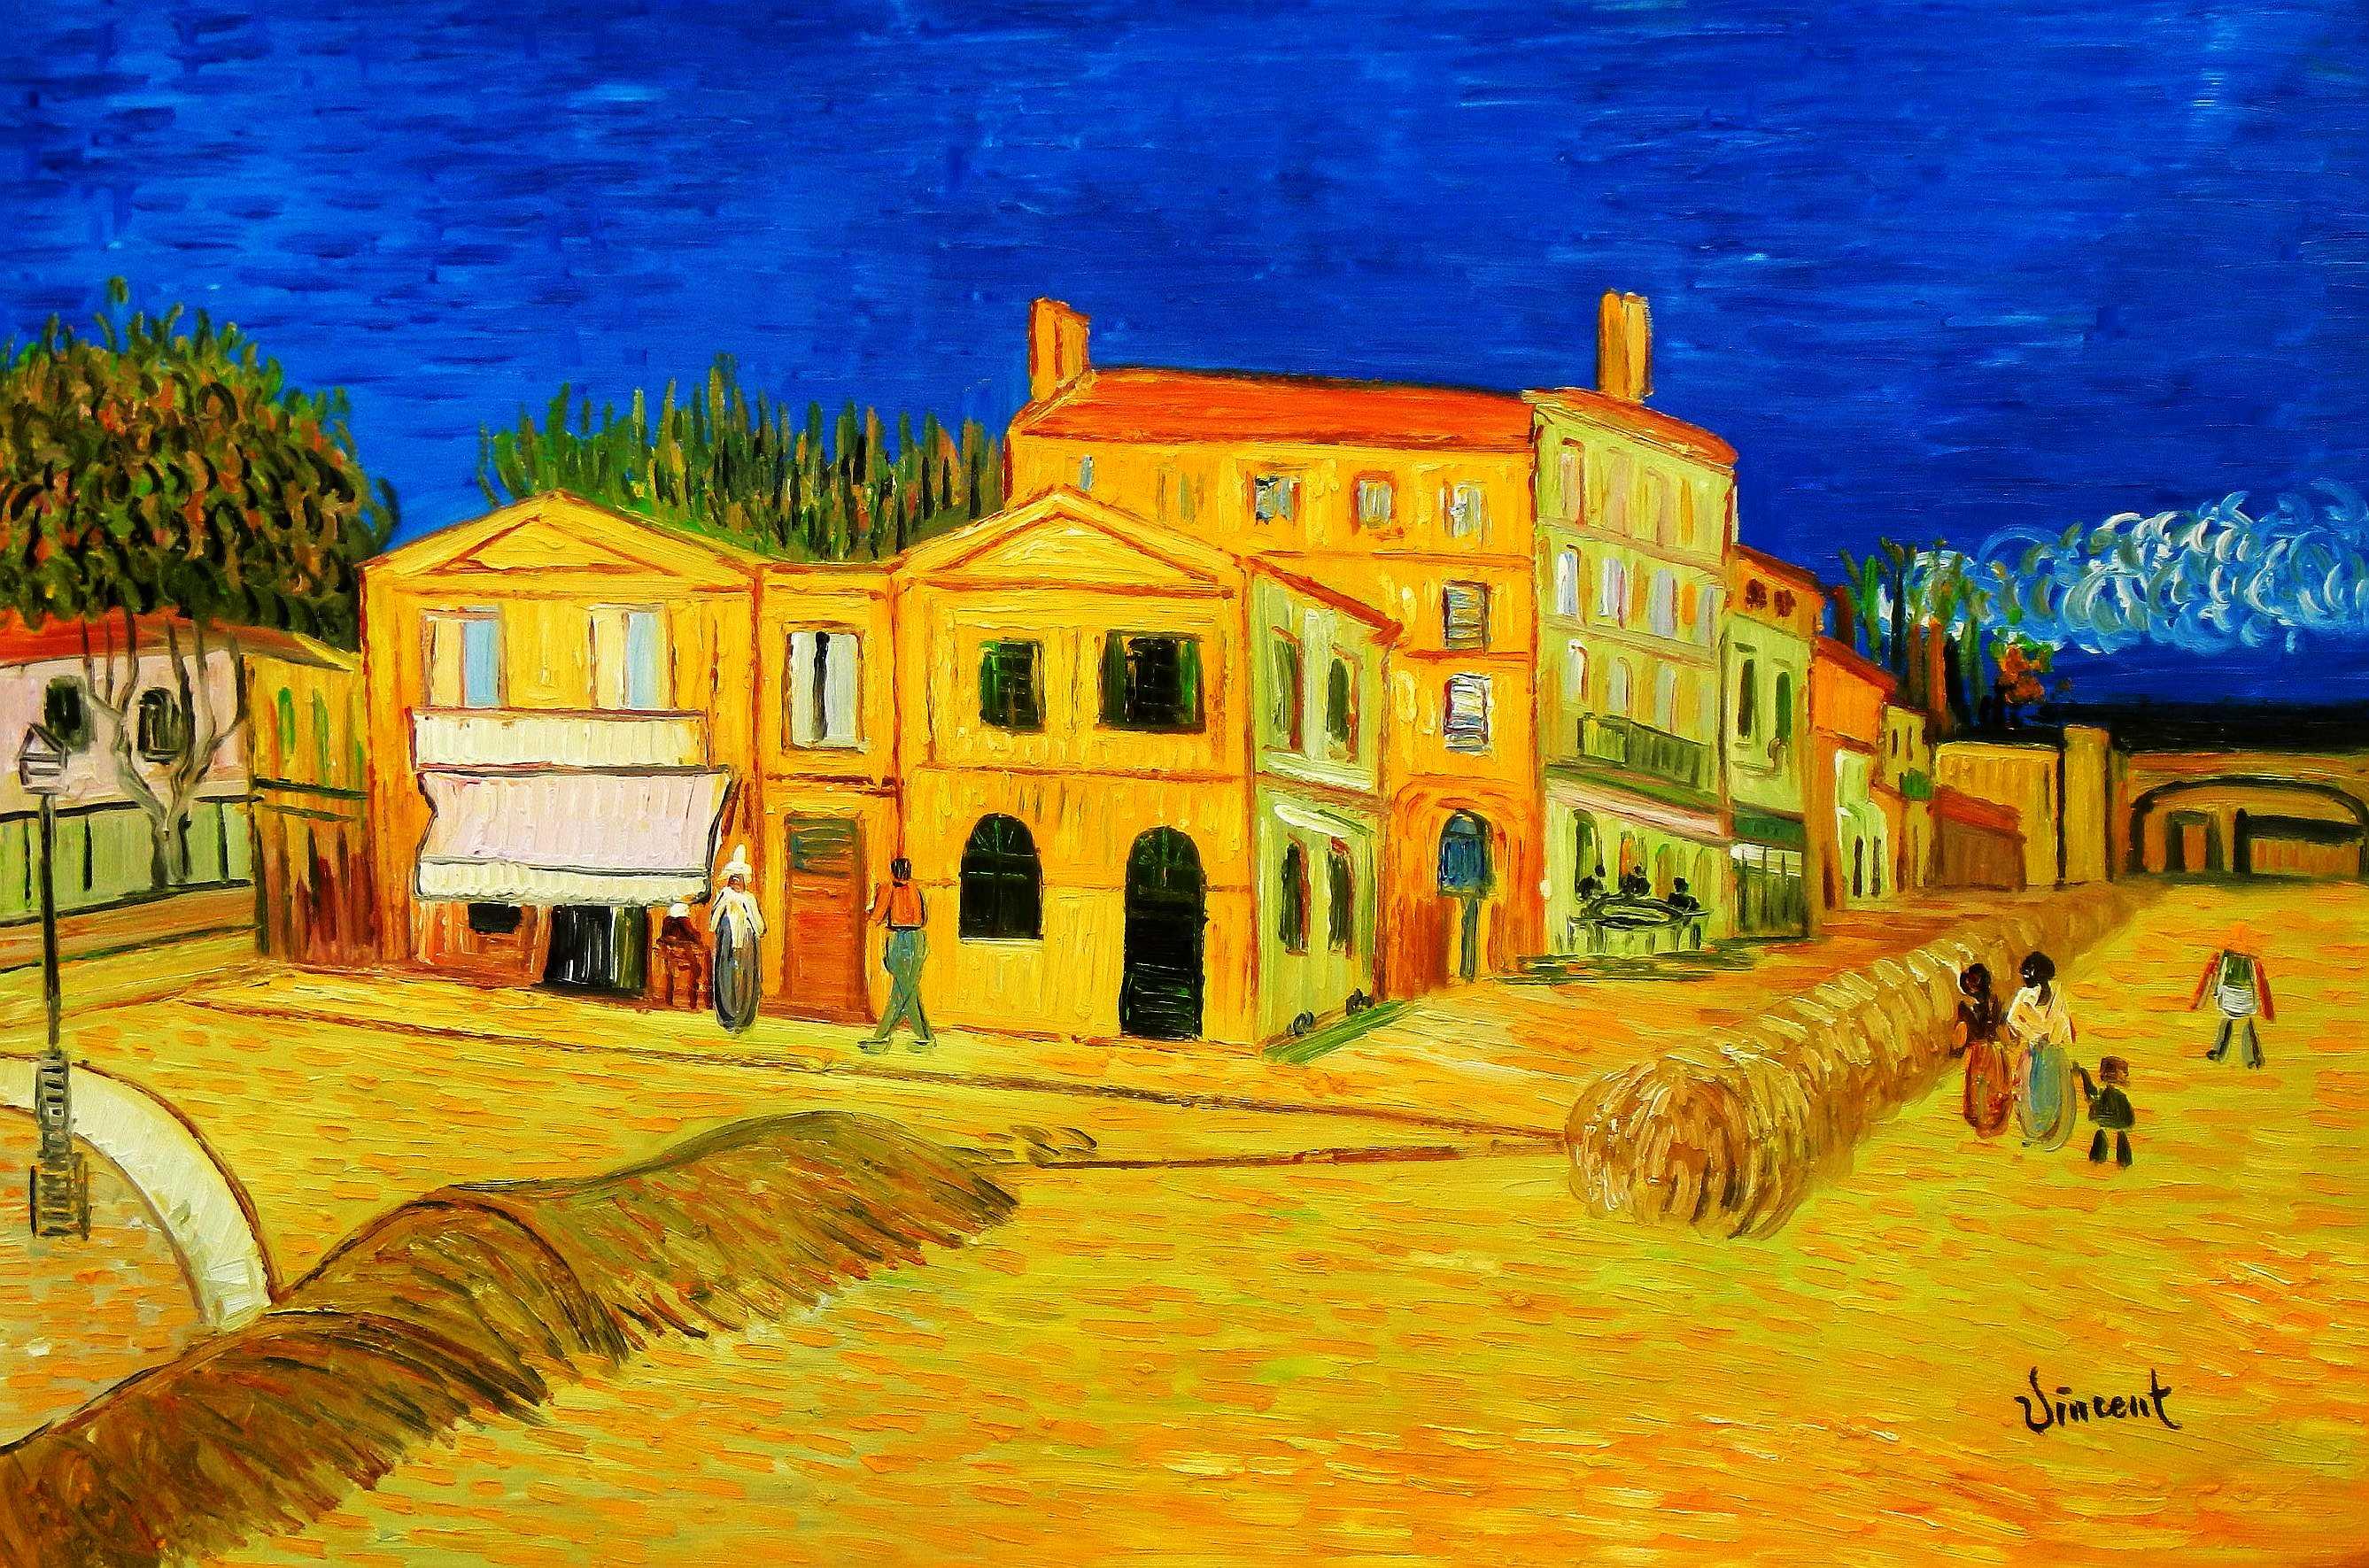 Vincent van Gogh - Das gelbe Haus d95183 60x90cm Gemälde handgemalt